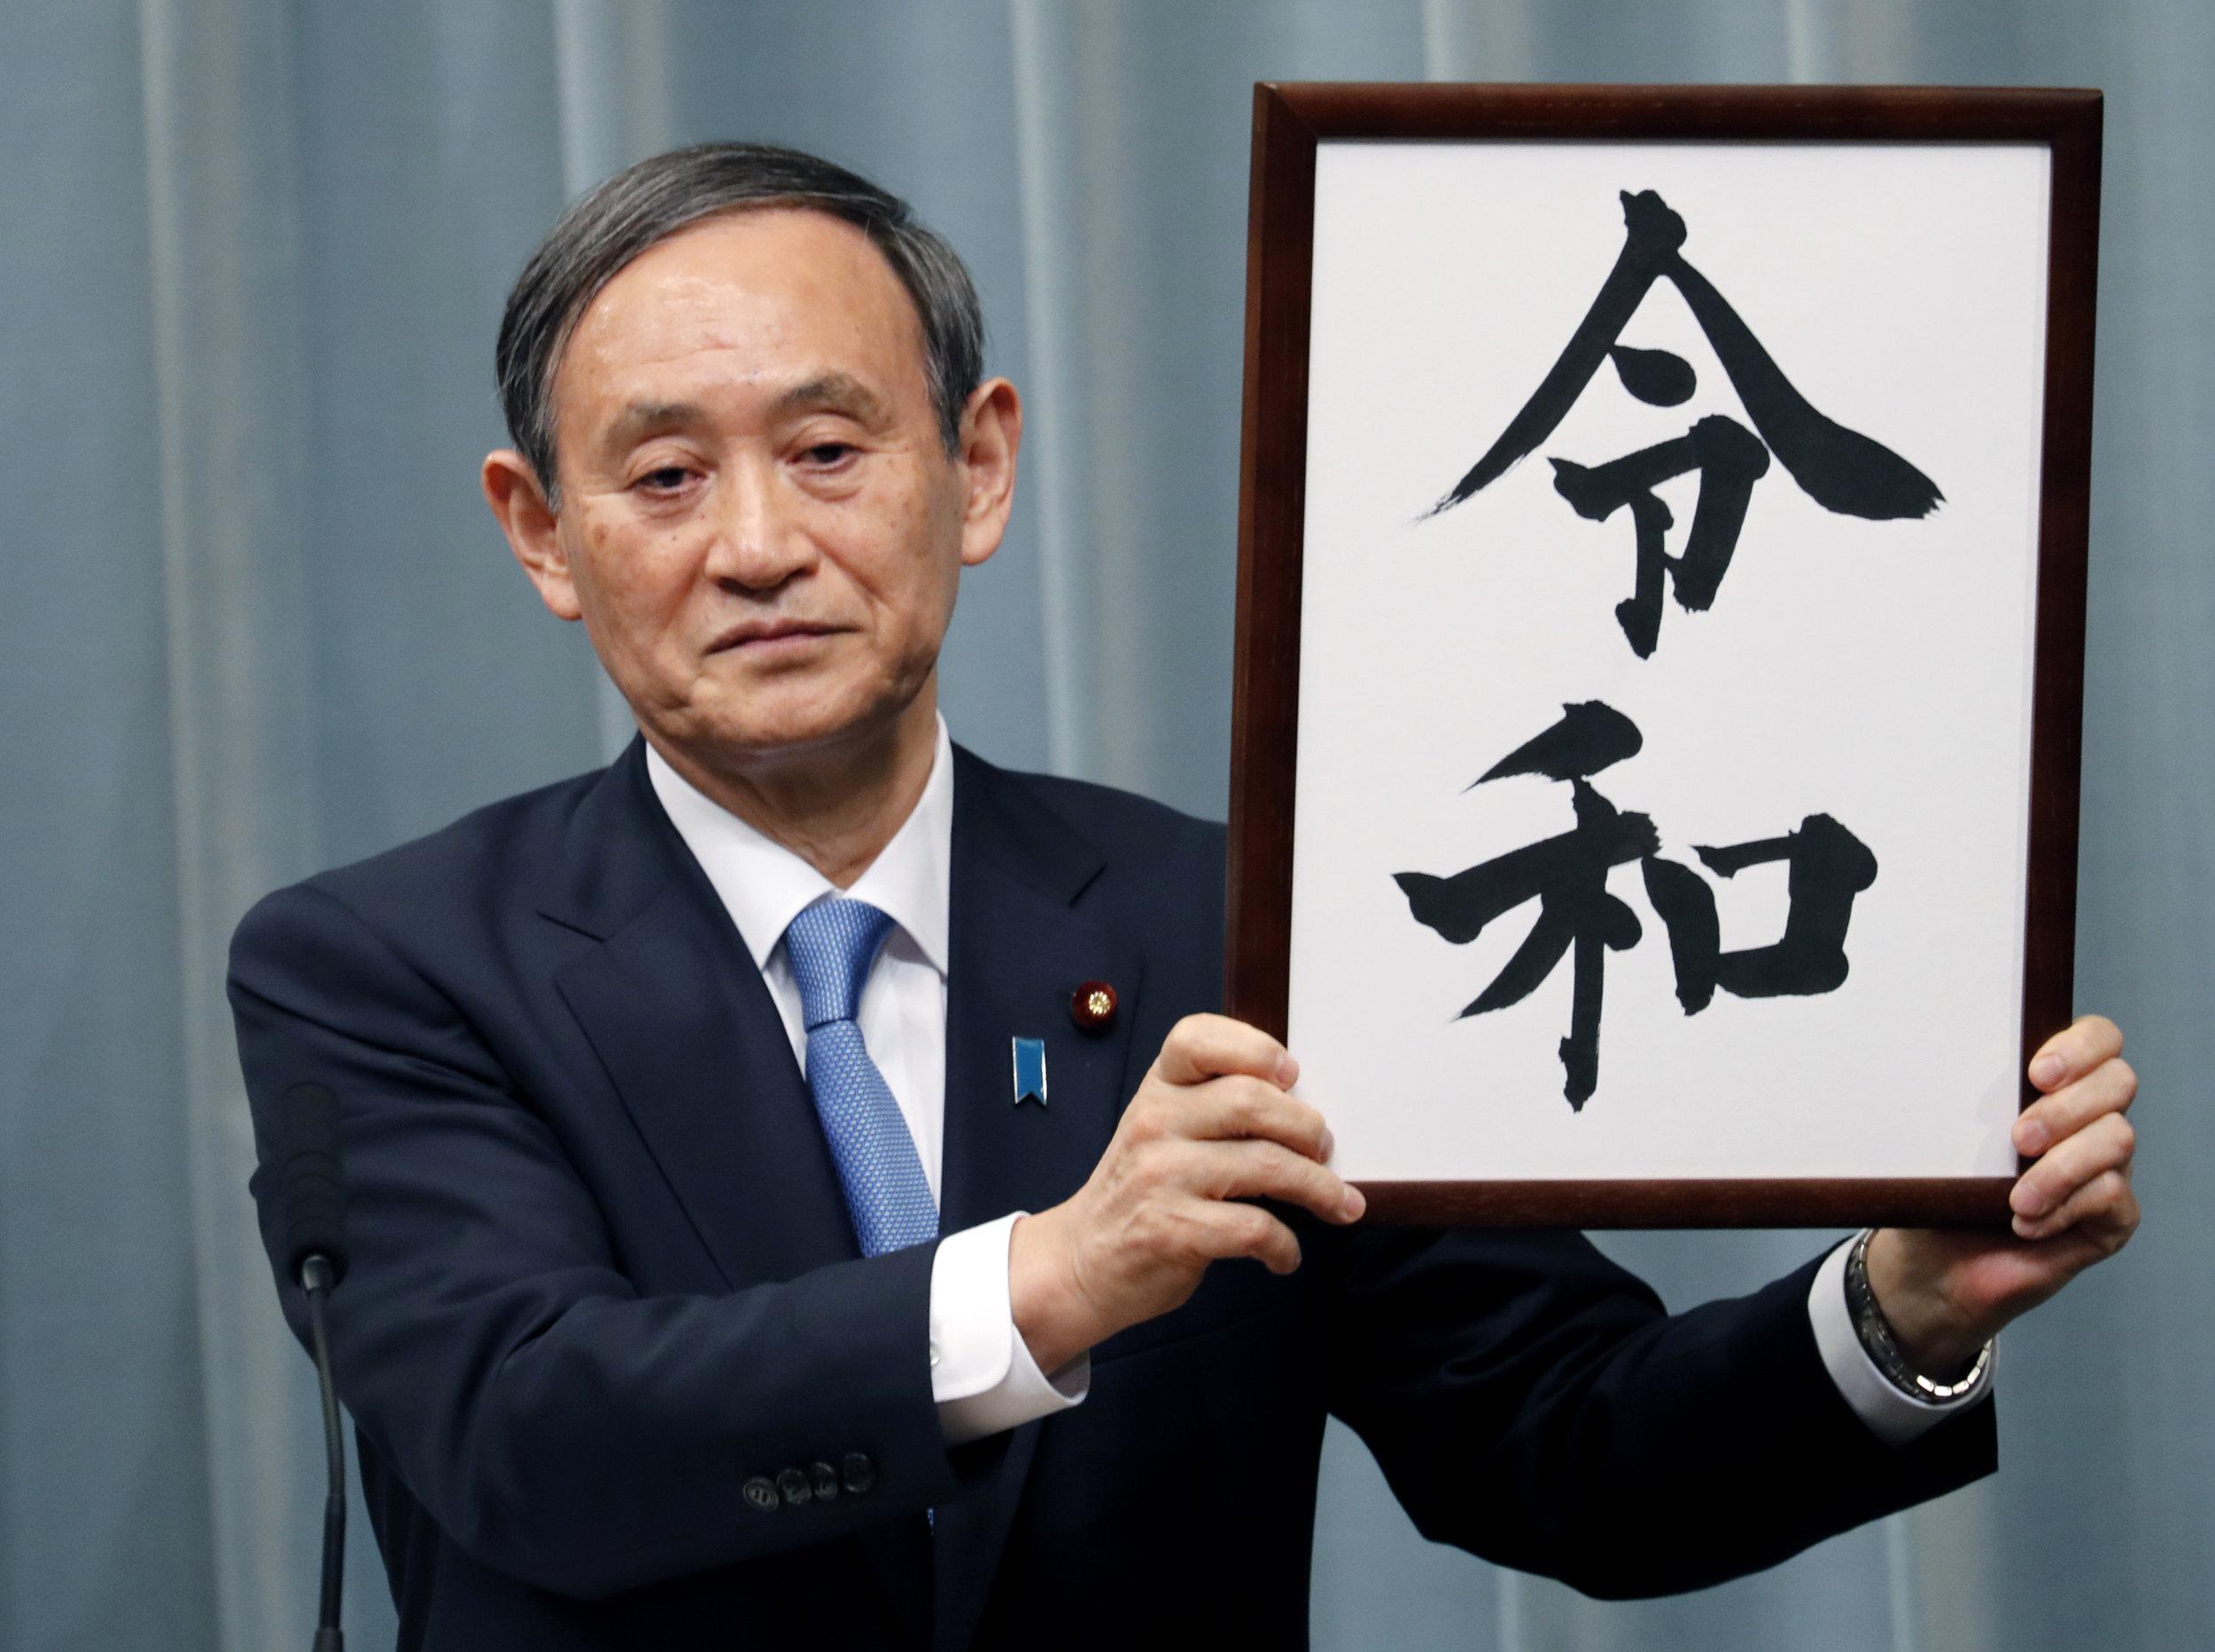 AP Photo / Eugene Hoshiko